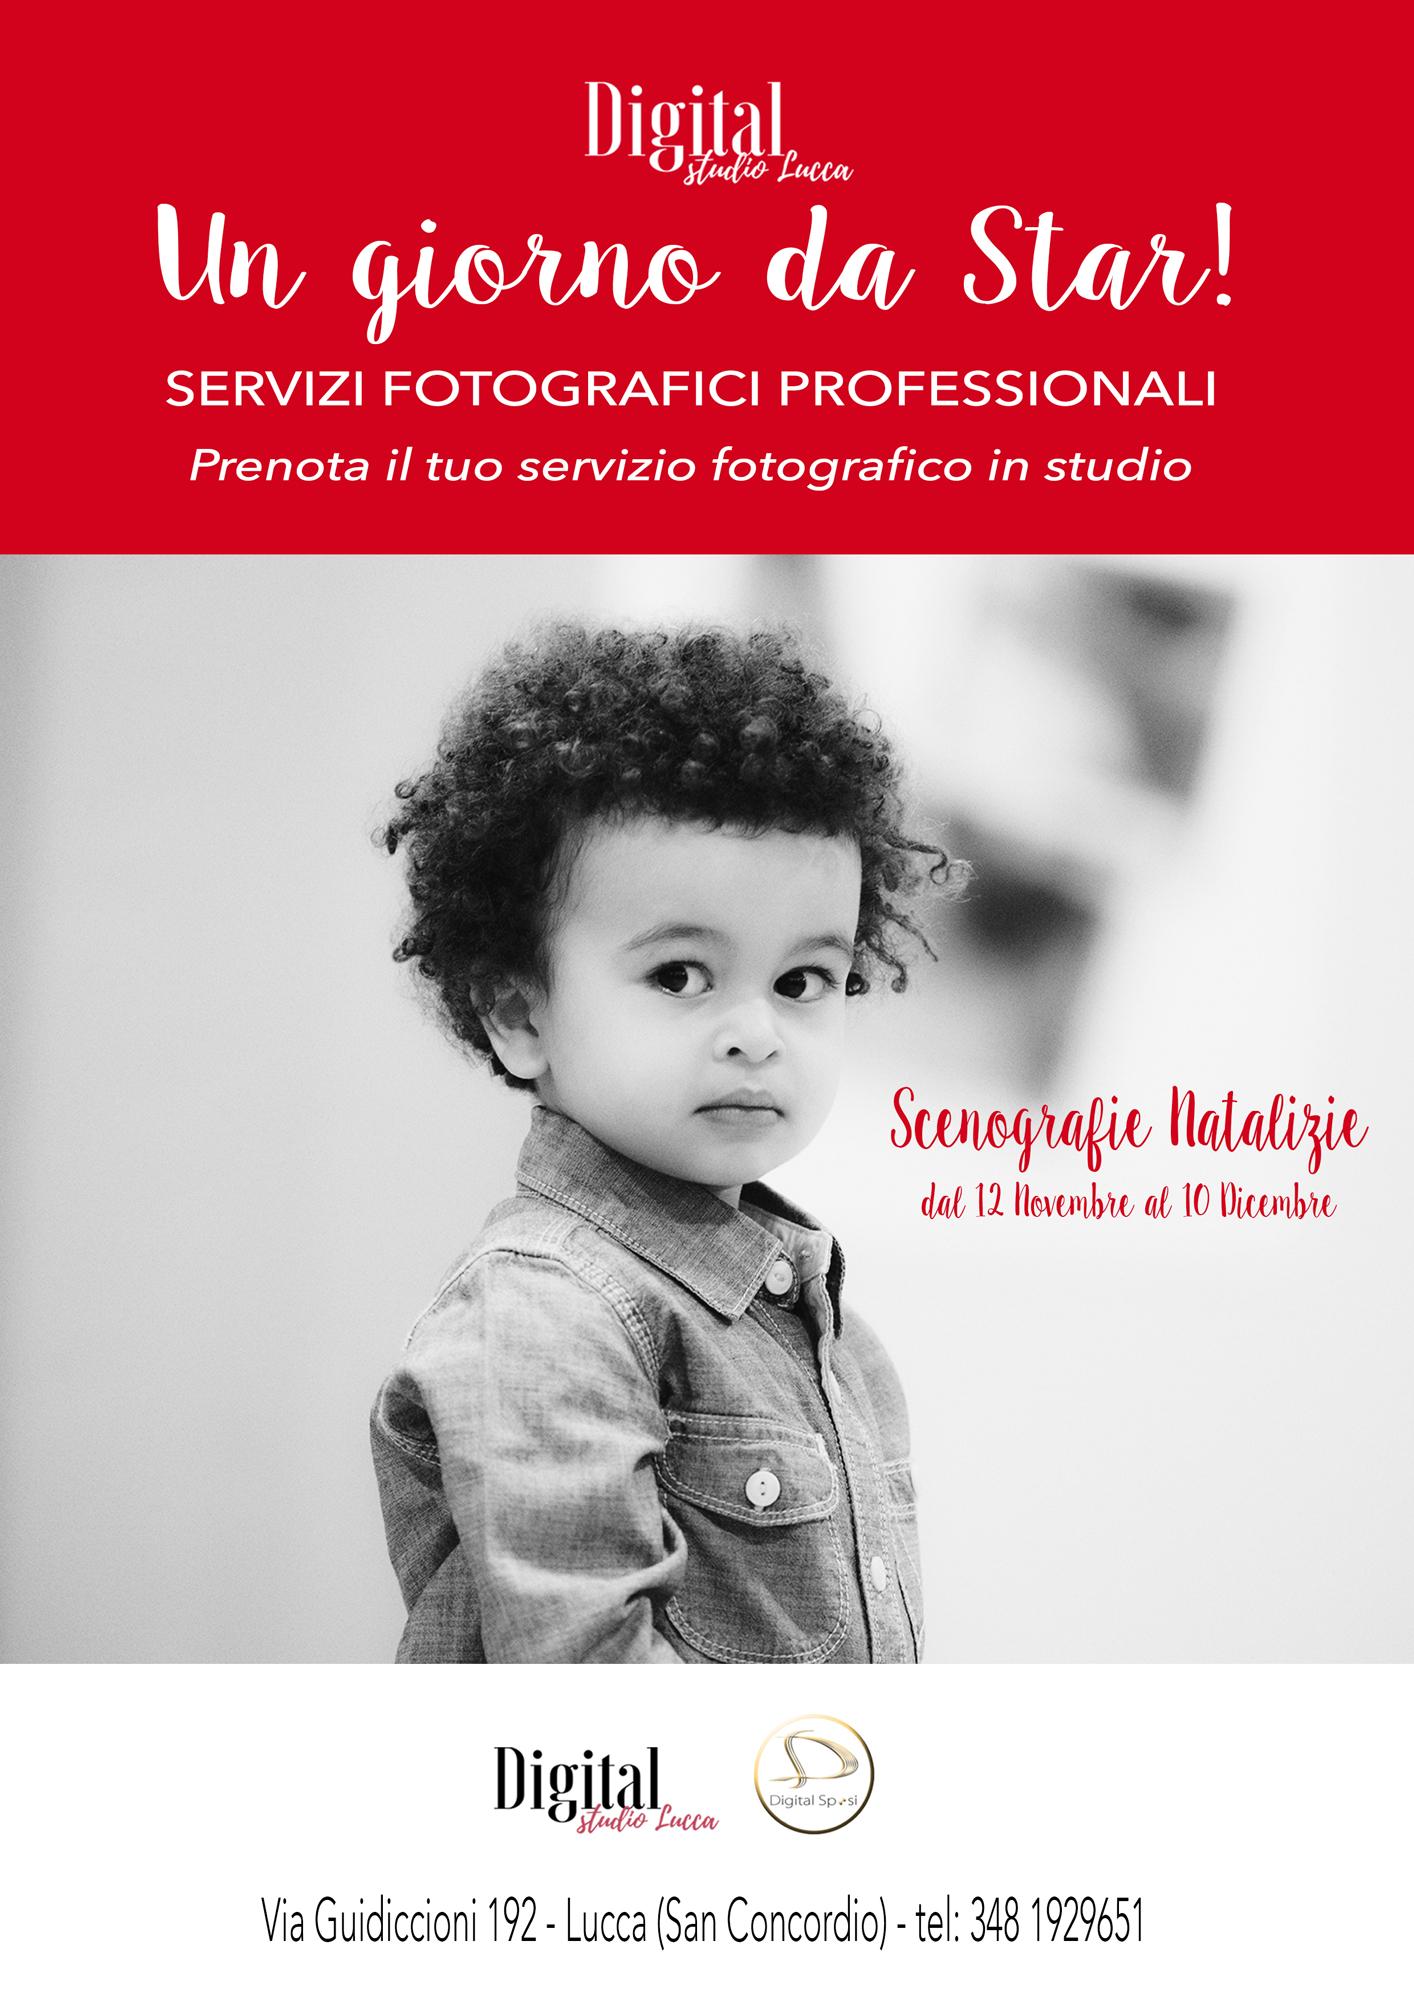 Prenota il tuo servizio fotografico in studio. - Chiamaci al 348 1929651 oppure inviaci una mail al info@digitalstudiolucca.com